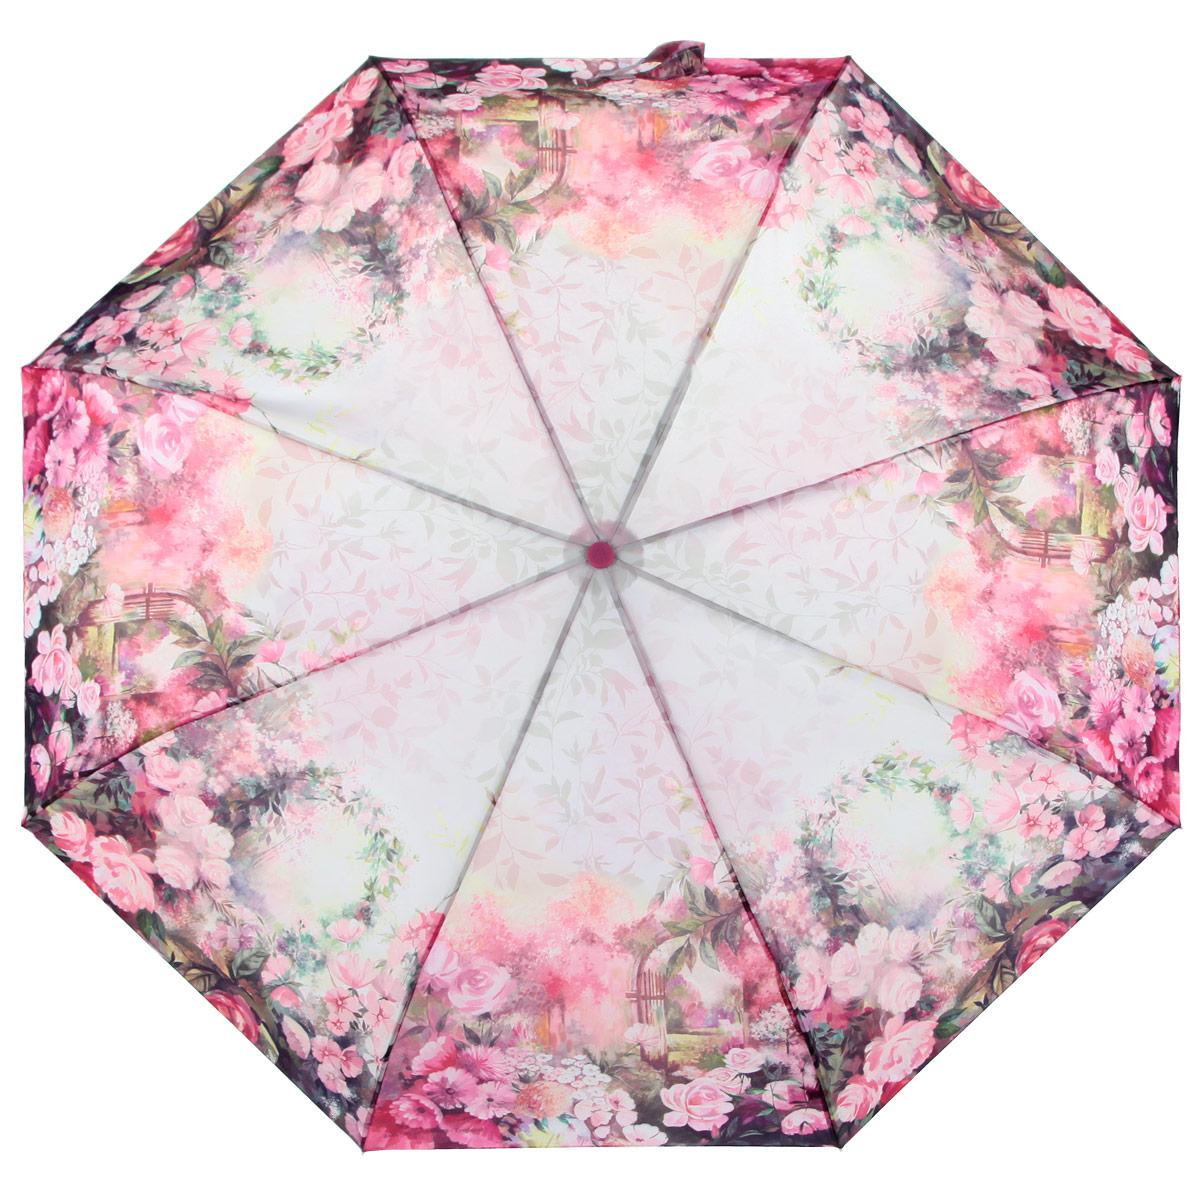 Зонт женский Zest, цвет: розовый, мультицвет. 239555-368B035000M/18075/3900NСтильный женский зонт ZEST каркас зонта выполнен из прочной стали с антикоррозийным покрытием, спицы из фибергласса, устойчивые к выгибанию. Купол зонта изготовлен прочного полиэстера. Закрытый купол застегивается на липучку хлястиком. Практичная рукоятка закругленной формы разработана с учетом требований эргономики и выполнена из пластика.Зонт оснащен автоматическим механизмом и чехлом.Такой зонт не только надежно защитит от дождя, но и станет стильным аксессуаром.